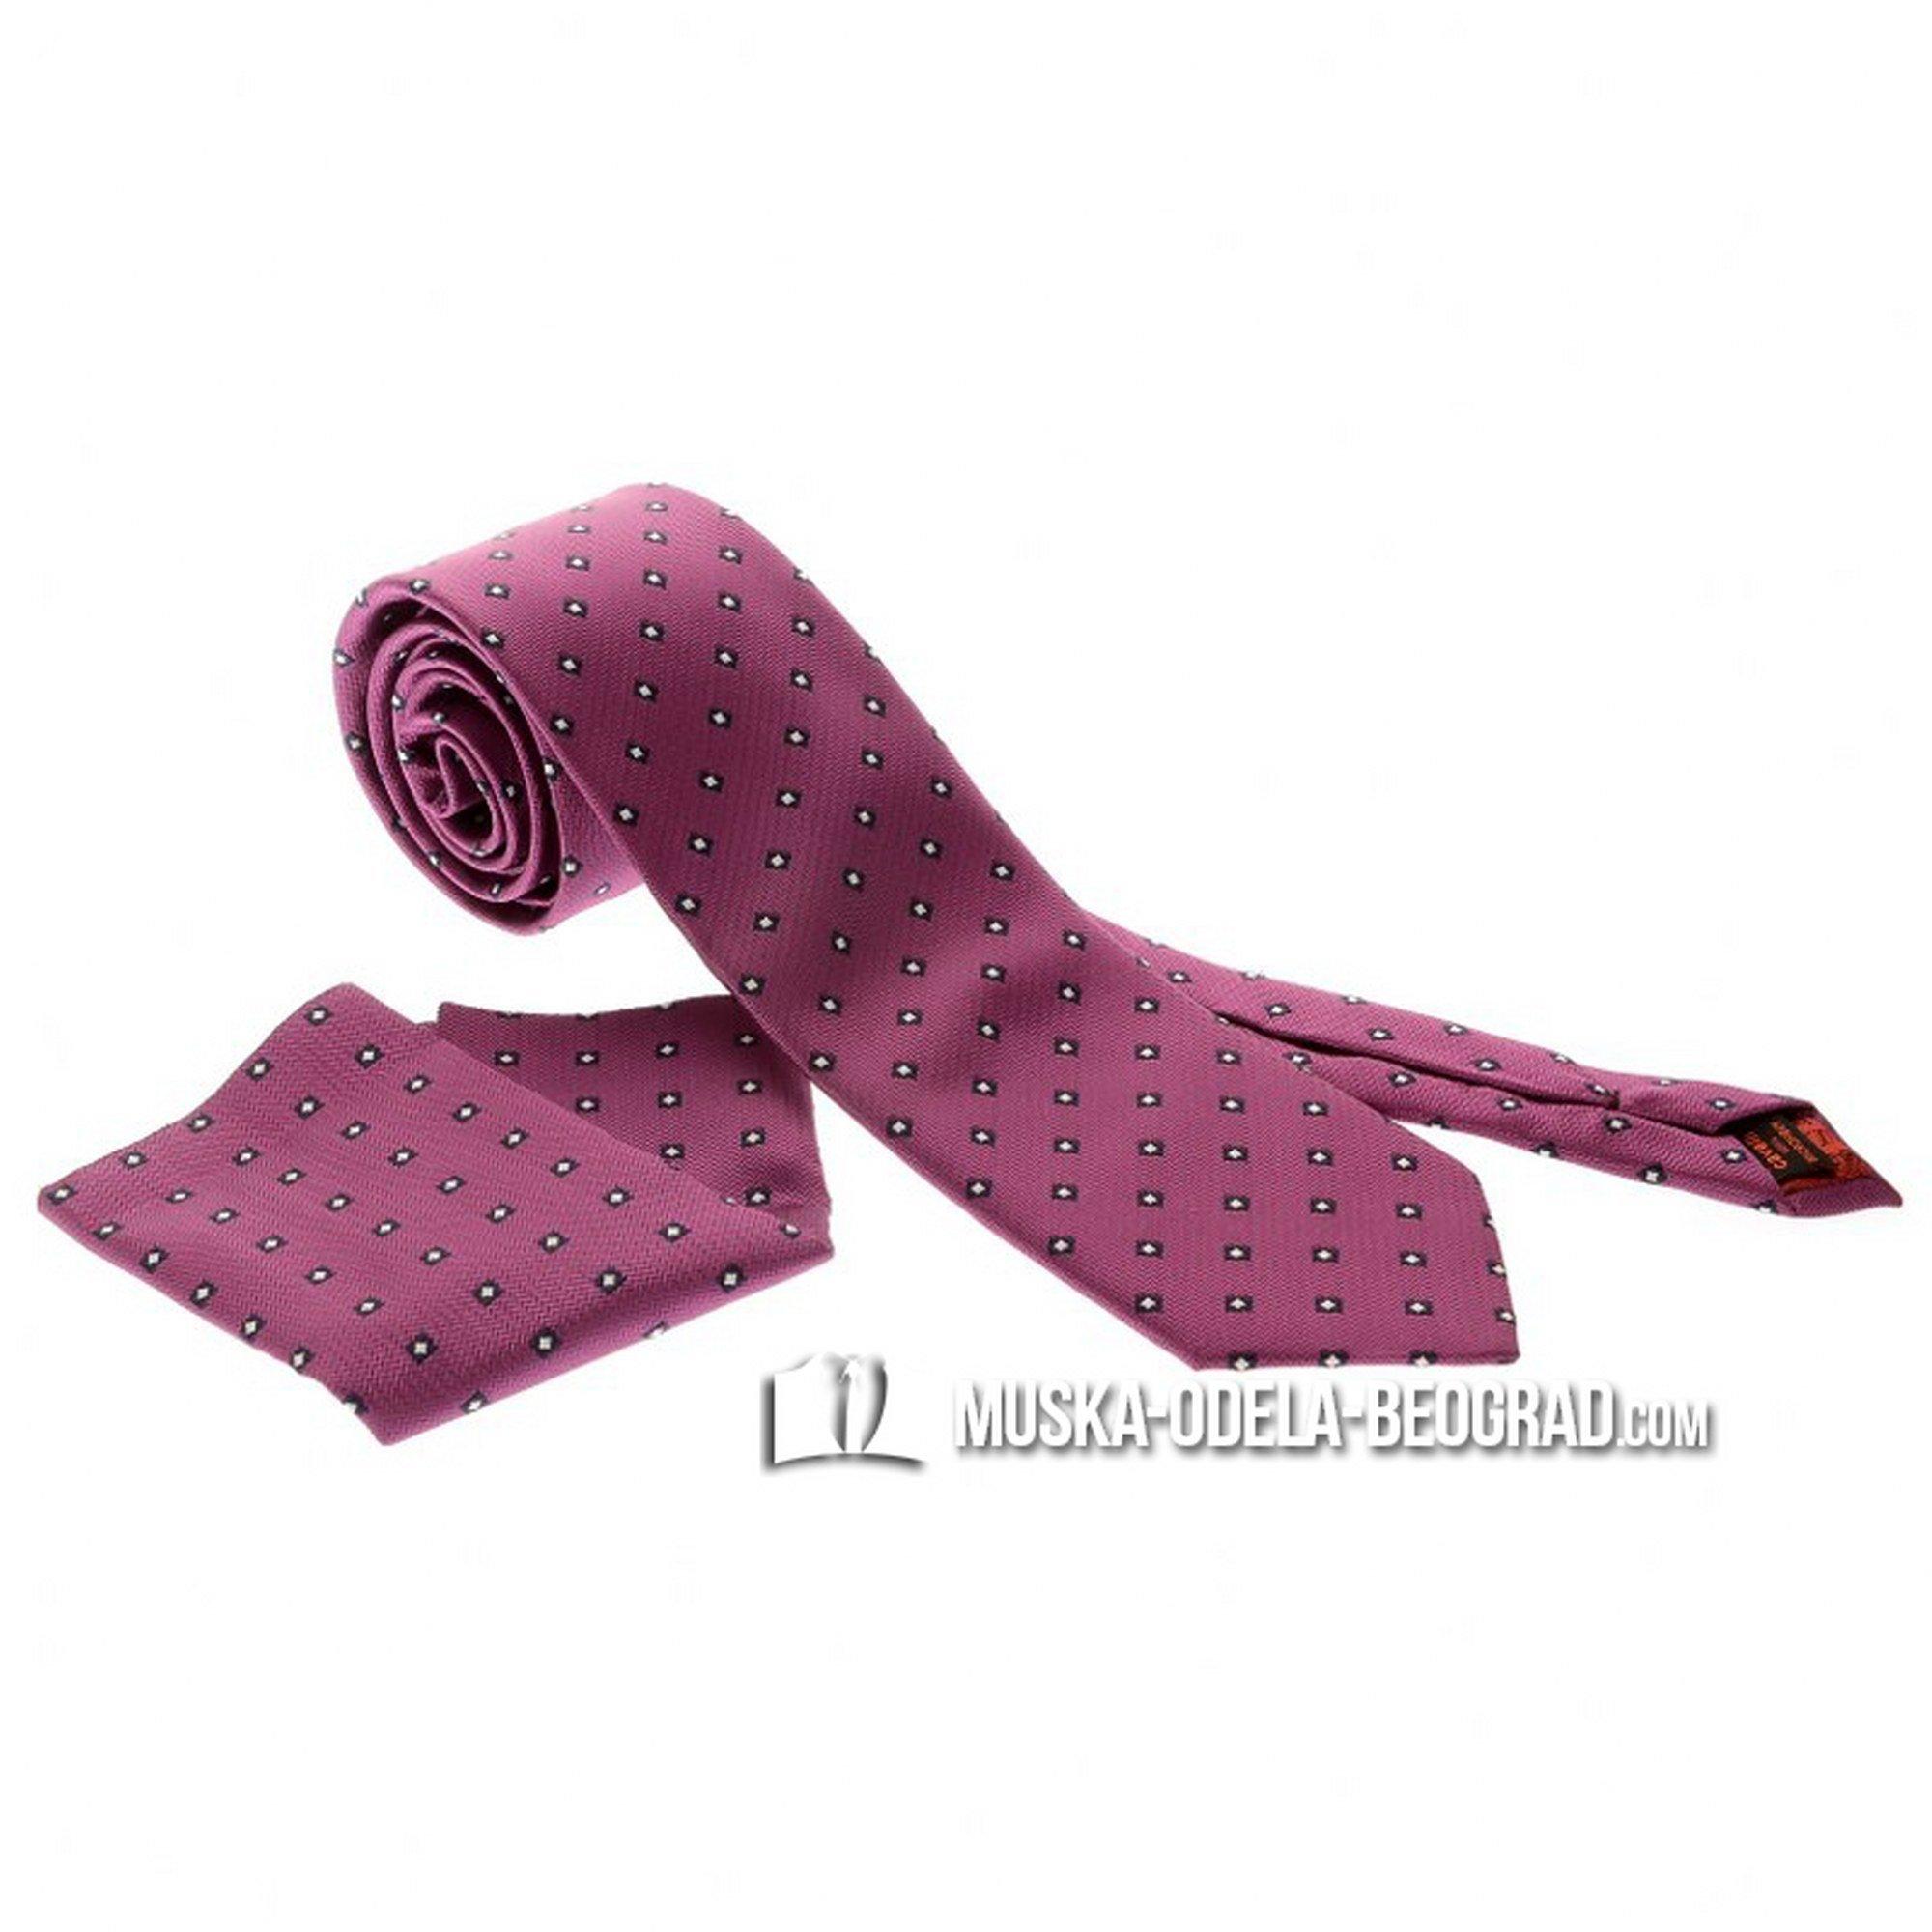 kravate beograd #394 - Kravate Beograd, Svilene Kravate, Uske Kravate, Muske kravate, Kravate Za Vencanje, Kravate Za svadbe, svadbene kravate, kravate za svecano odelo